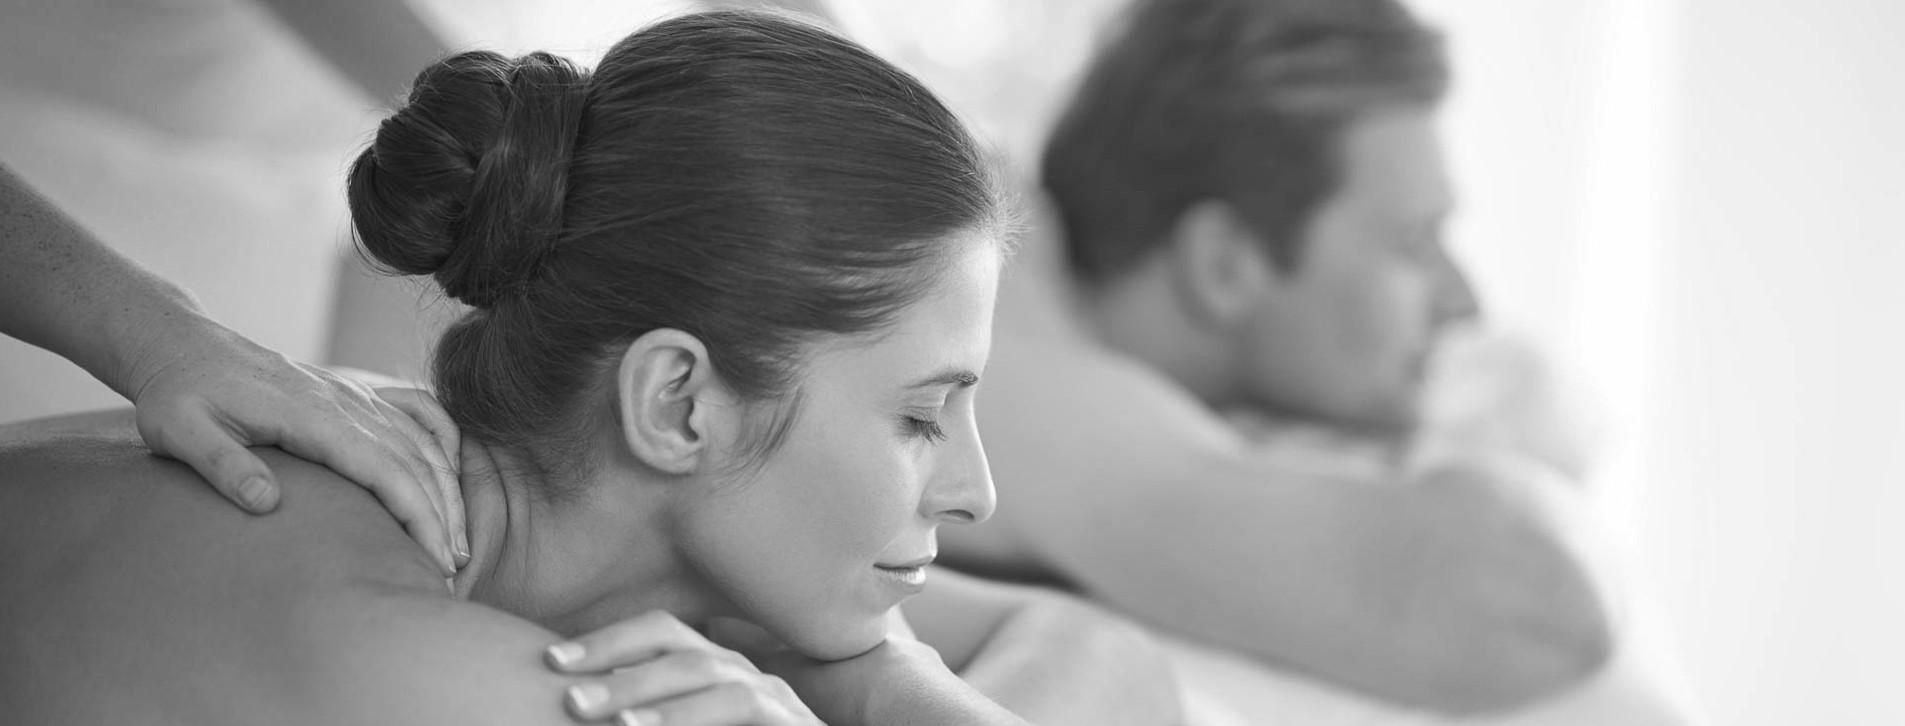 Фото - Антистрессовый массаж для двоих